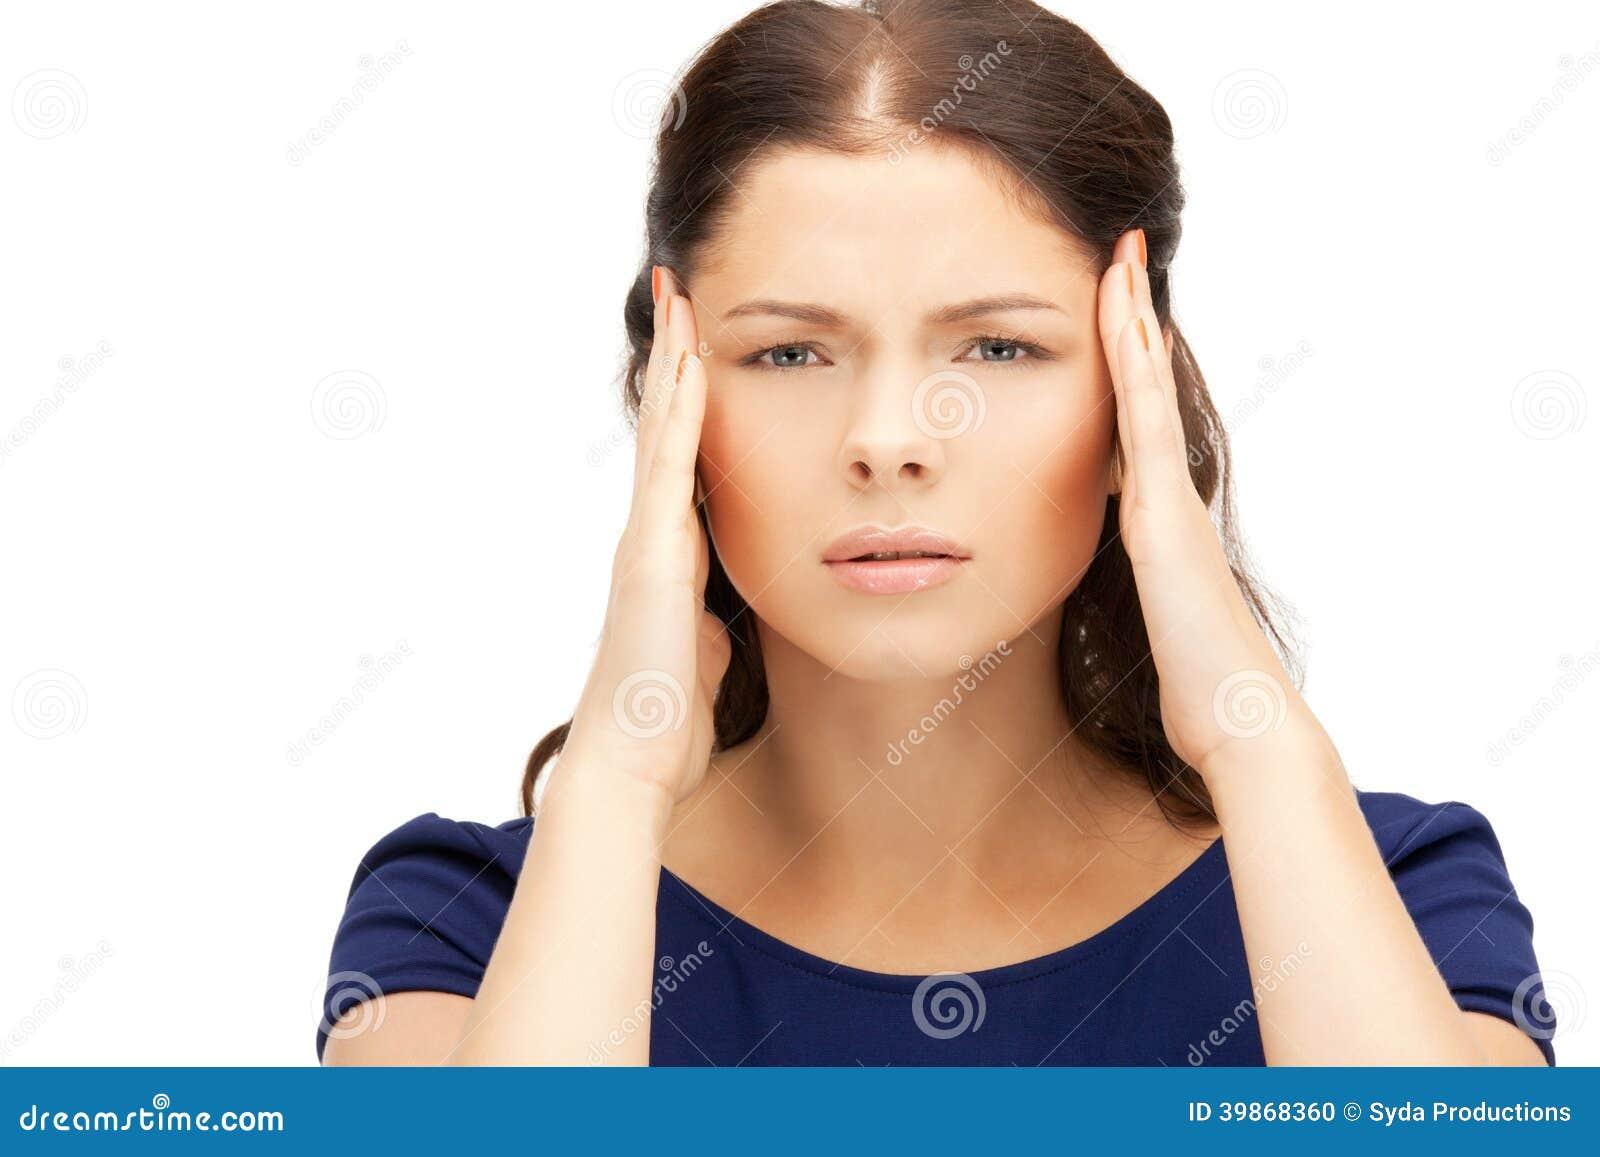 Unhappy Woman 2